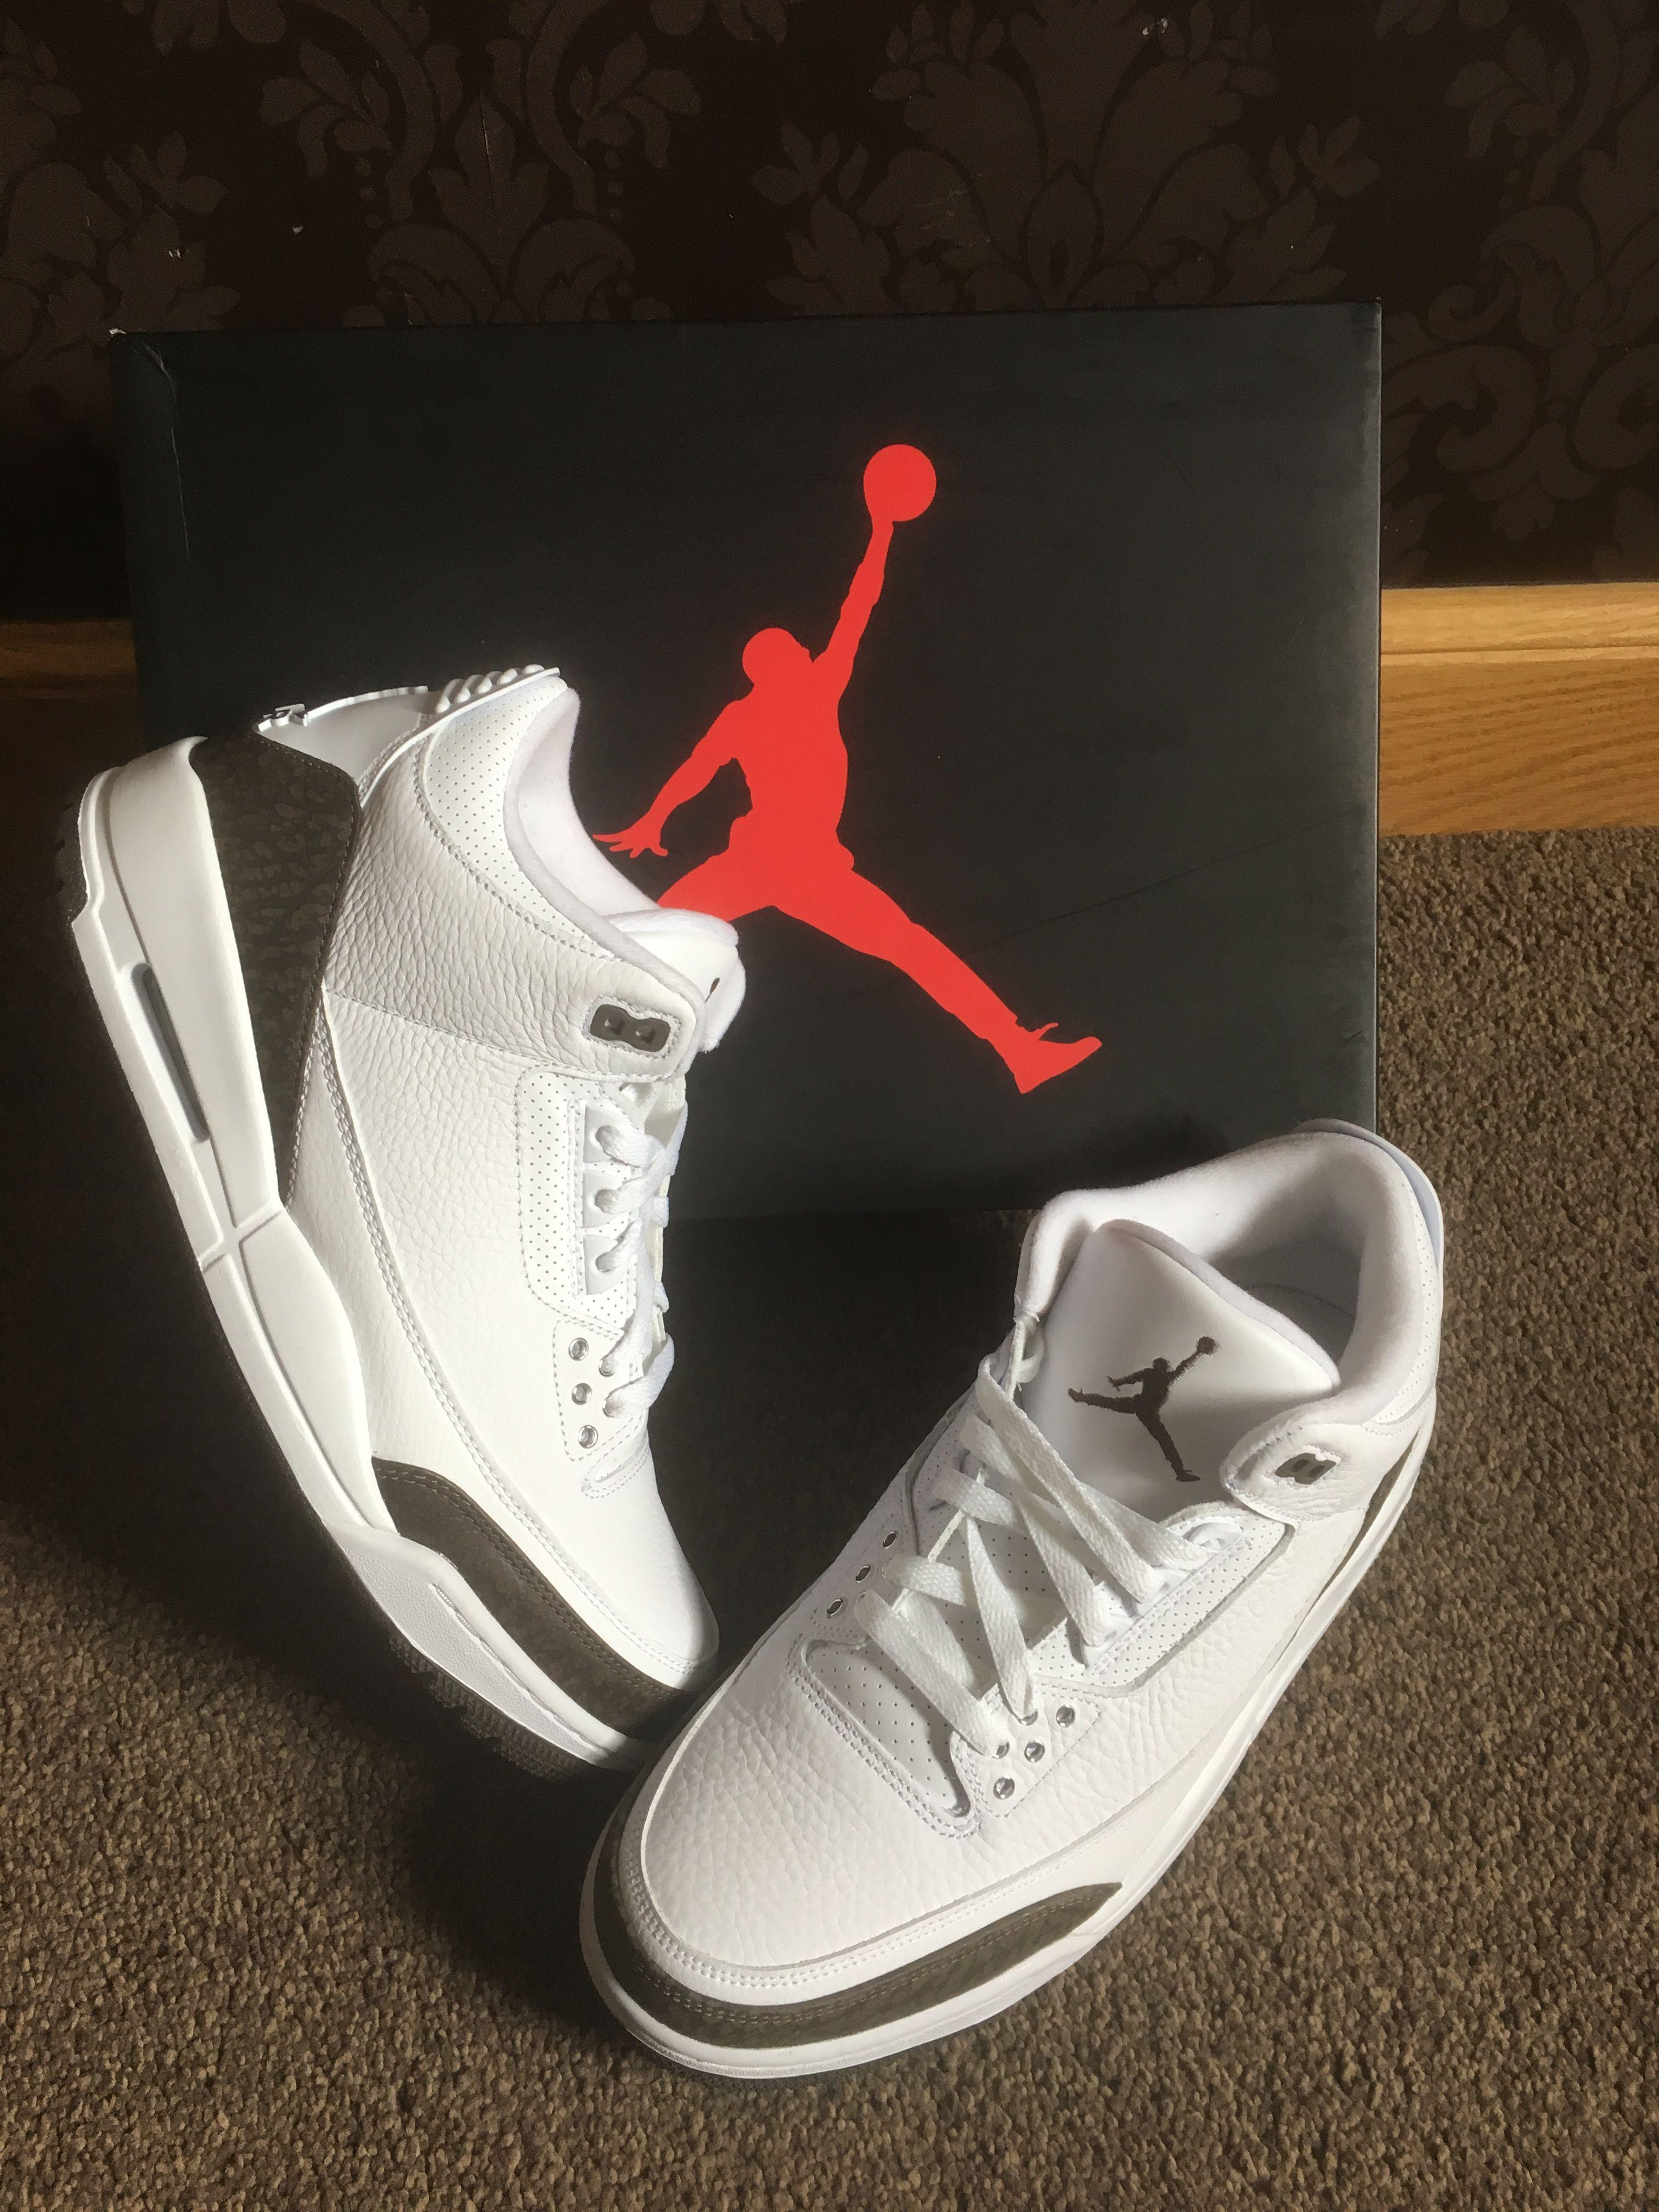 Air jordans, Sneakers, Jordan retro